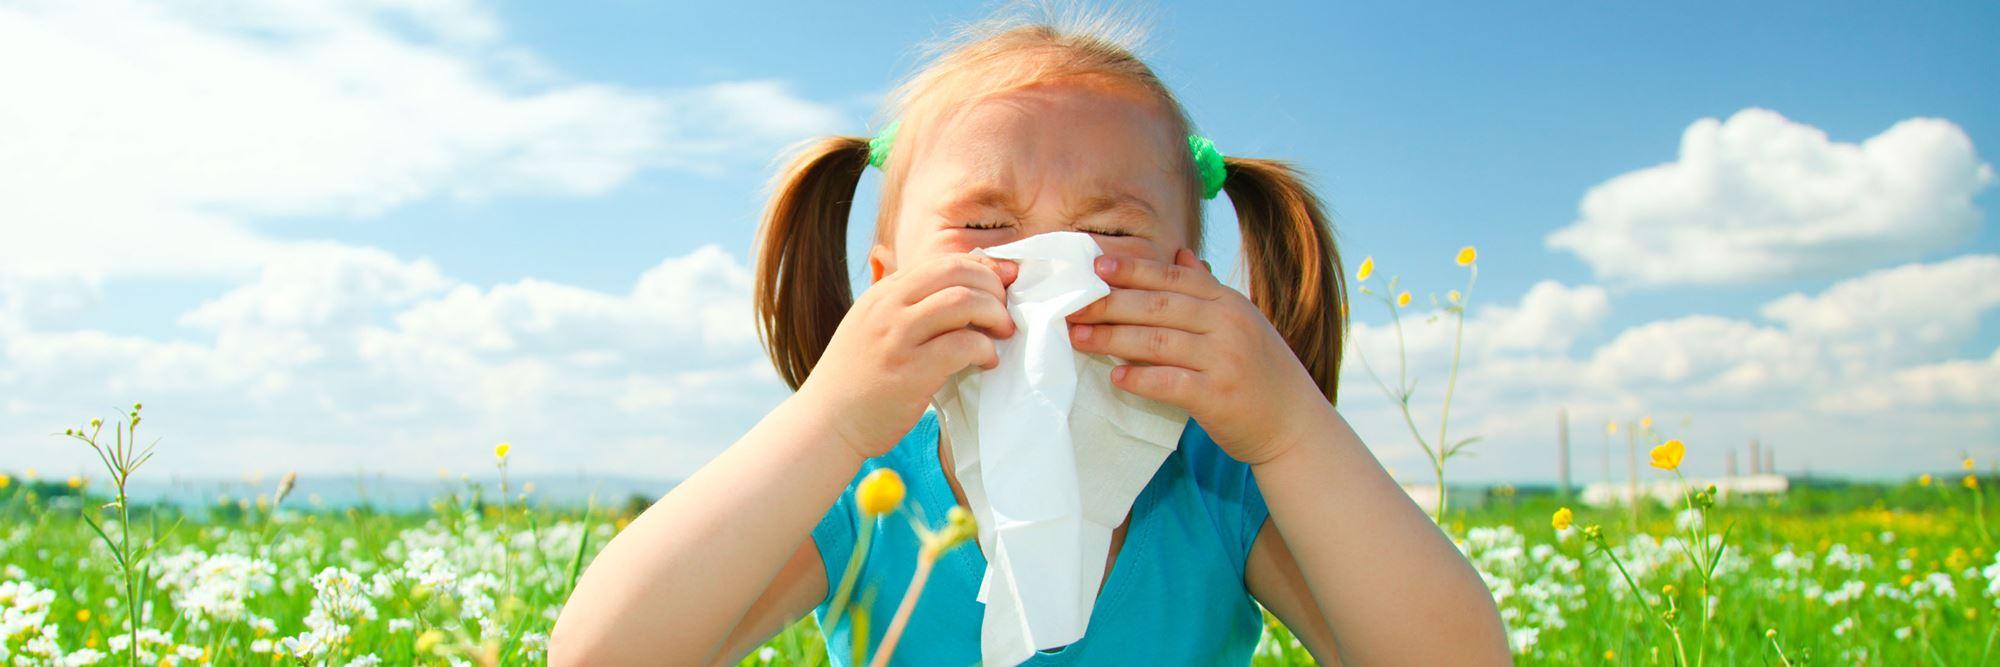 mała dziewczyna dmuchająca nos w chusteczkę - zbliżenie